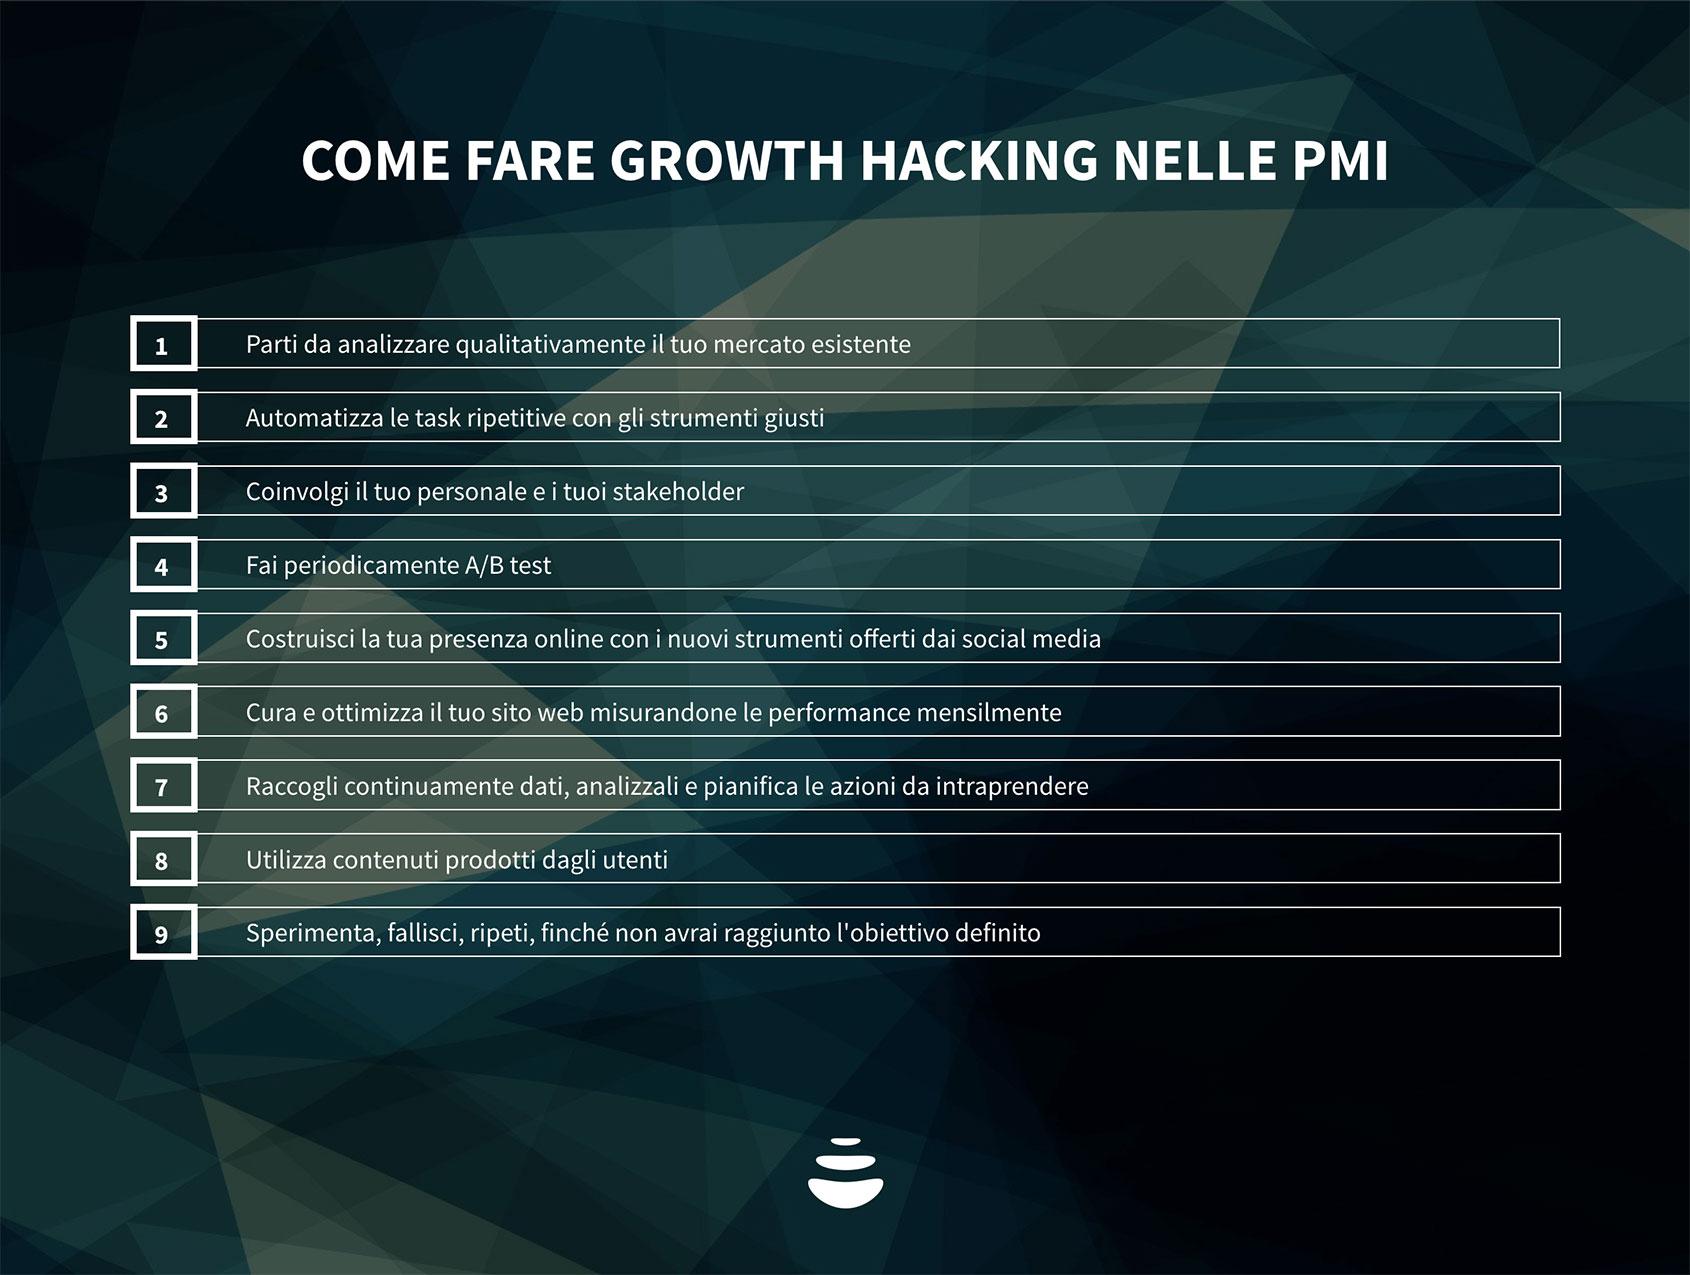 Come fare growth hacking nelle PMI